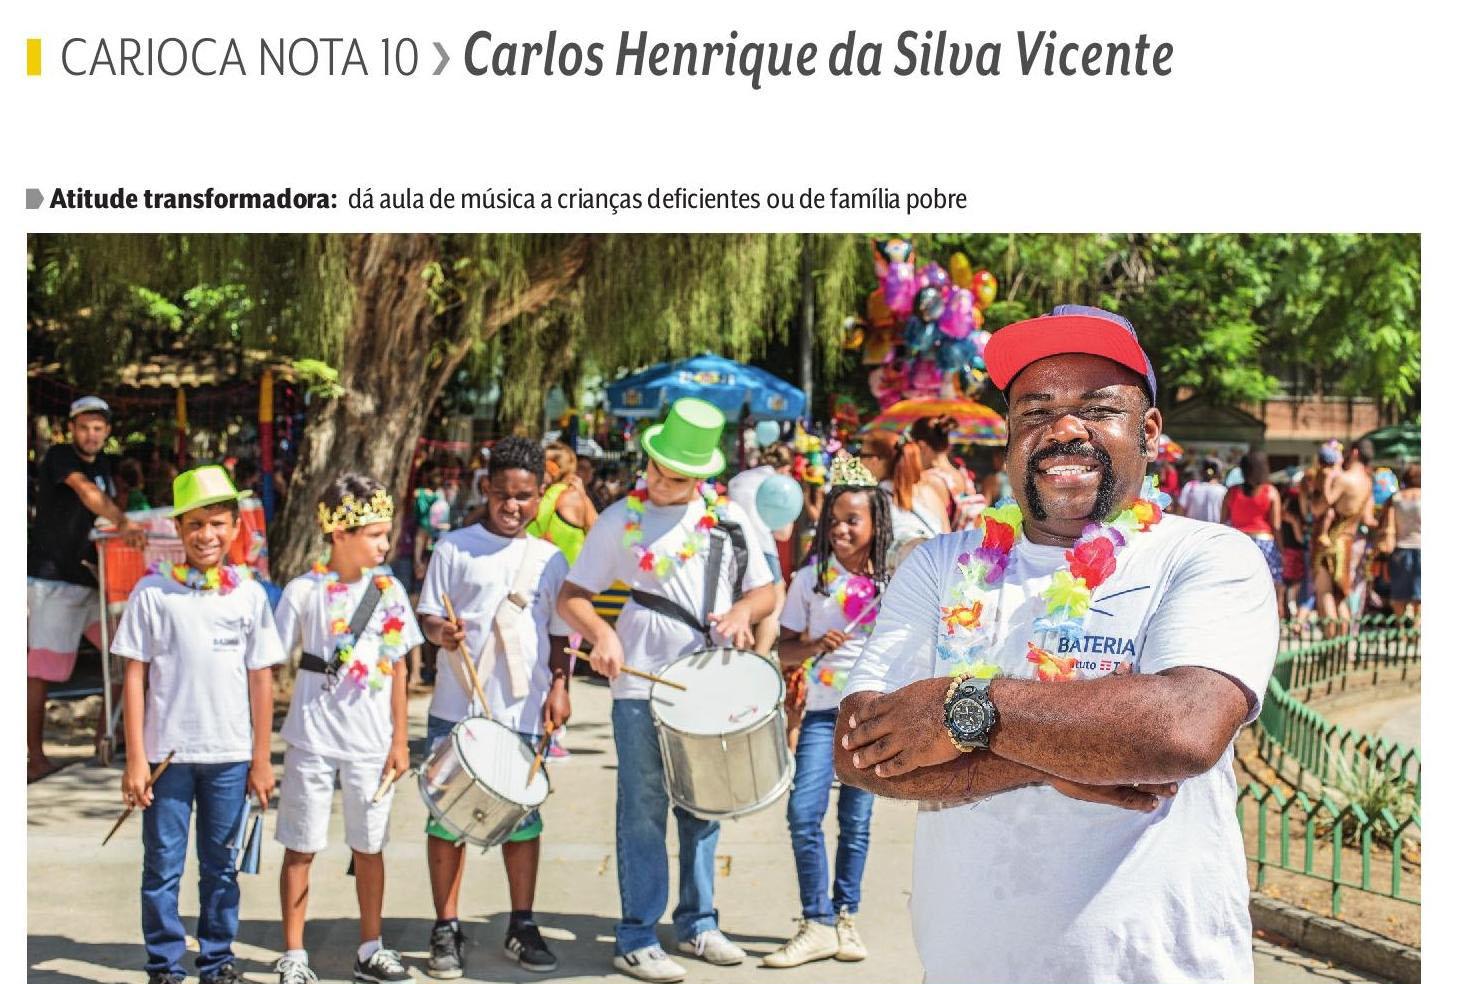 25_02_2017-veja-rio_carioca-nota-10-imagem-destacada